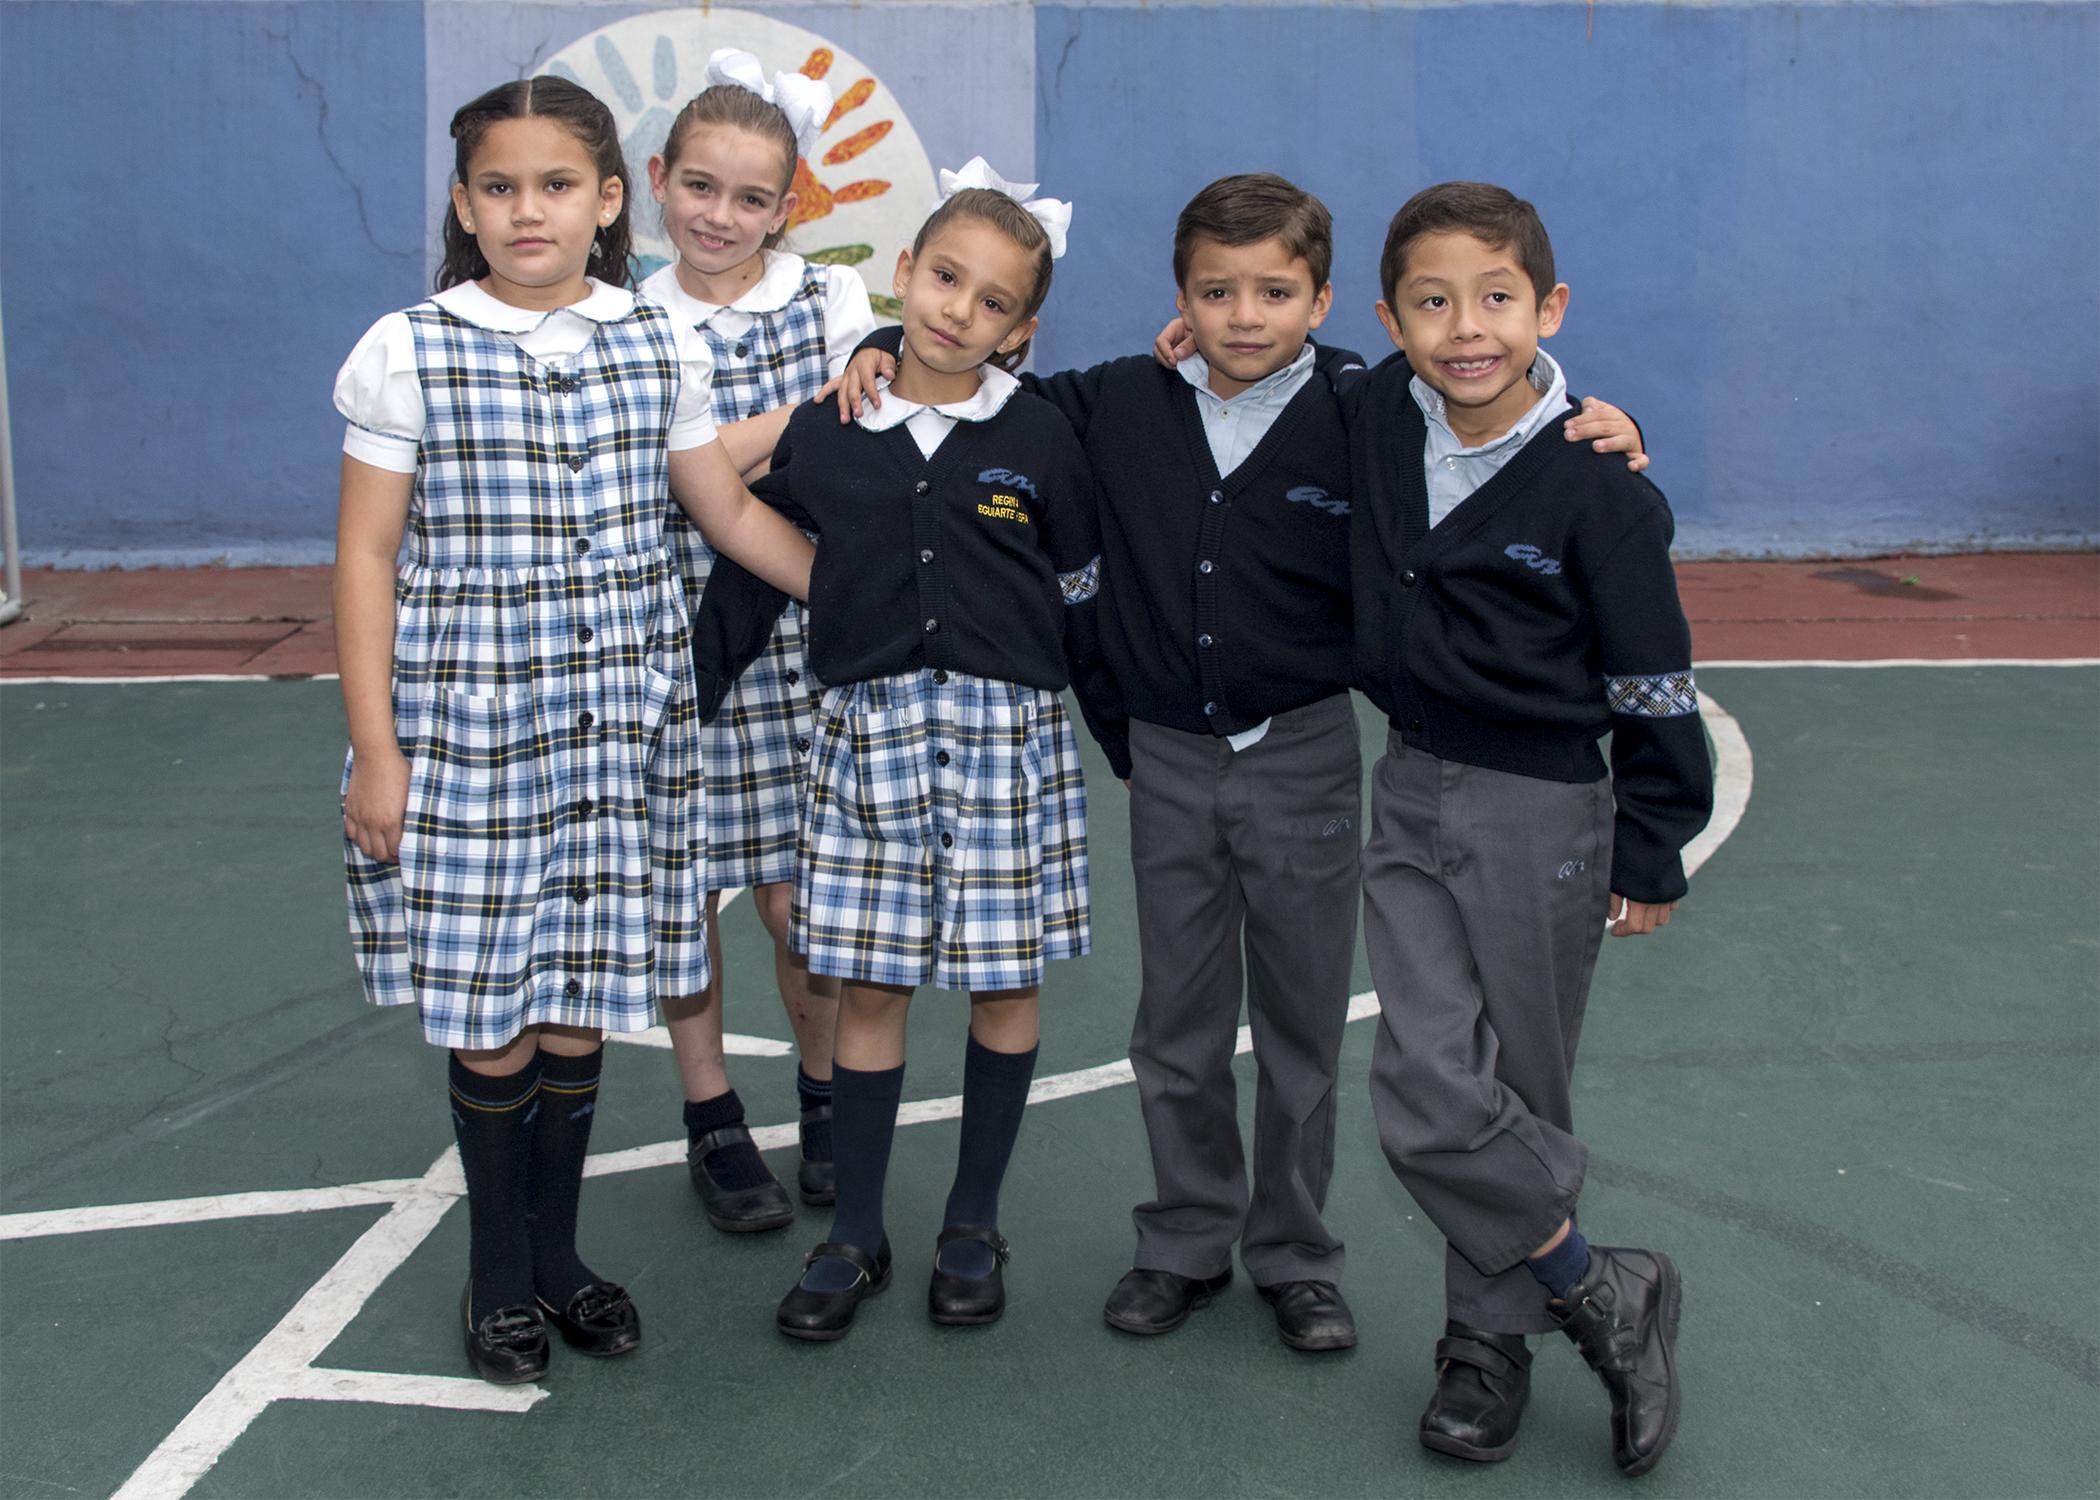 Niños y Niñas con uniforme Amado Nervo posando.